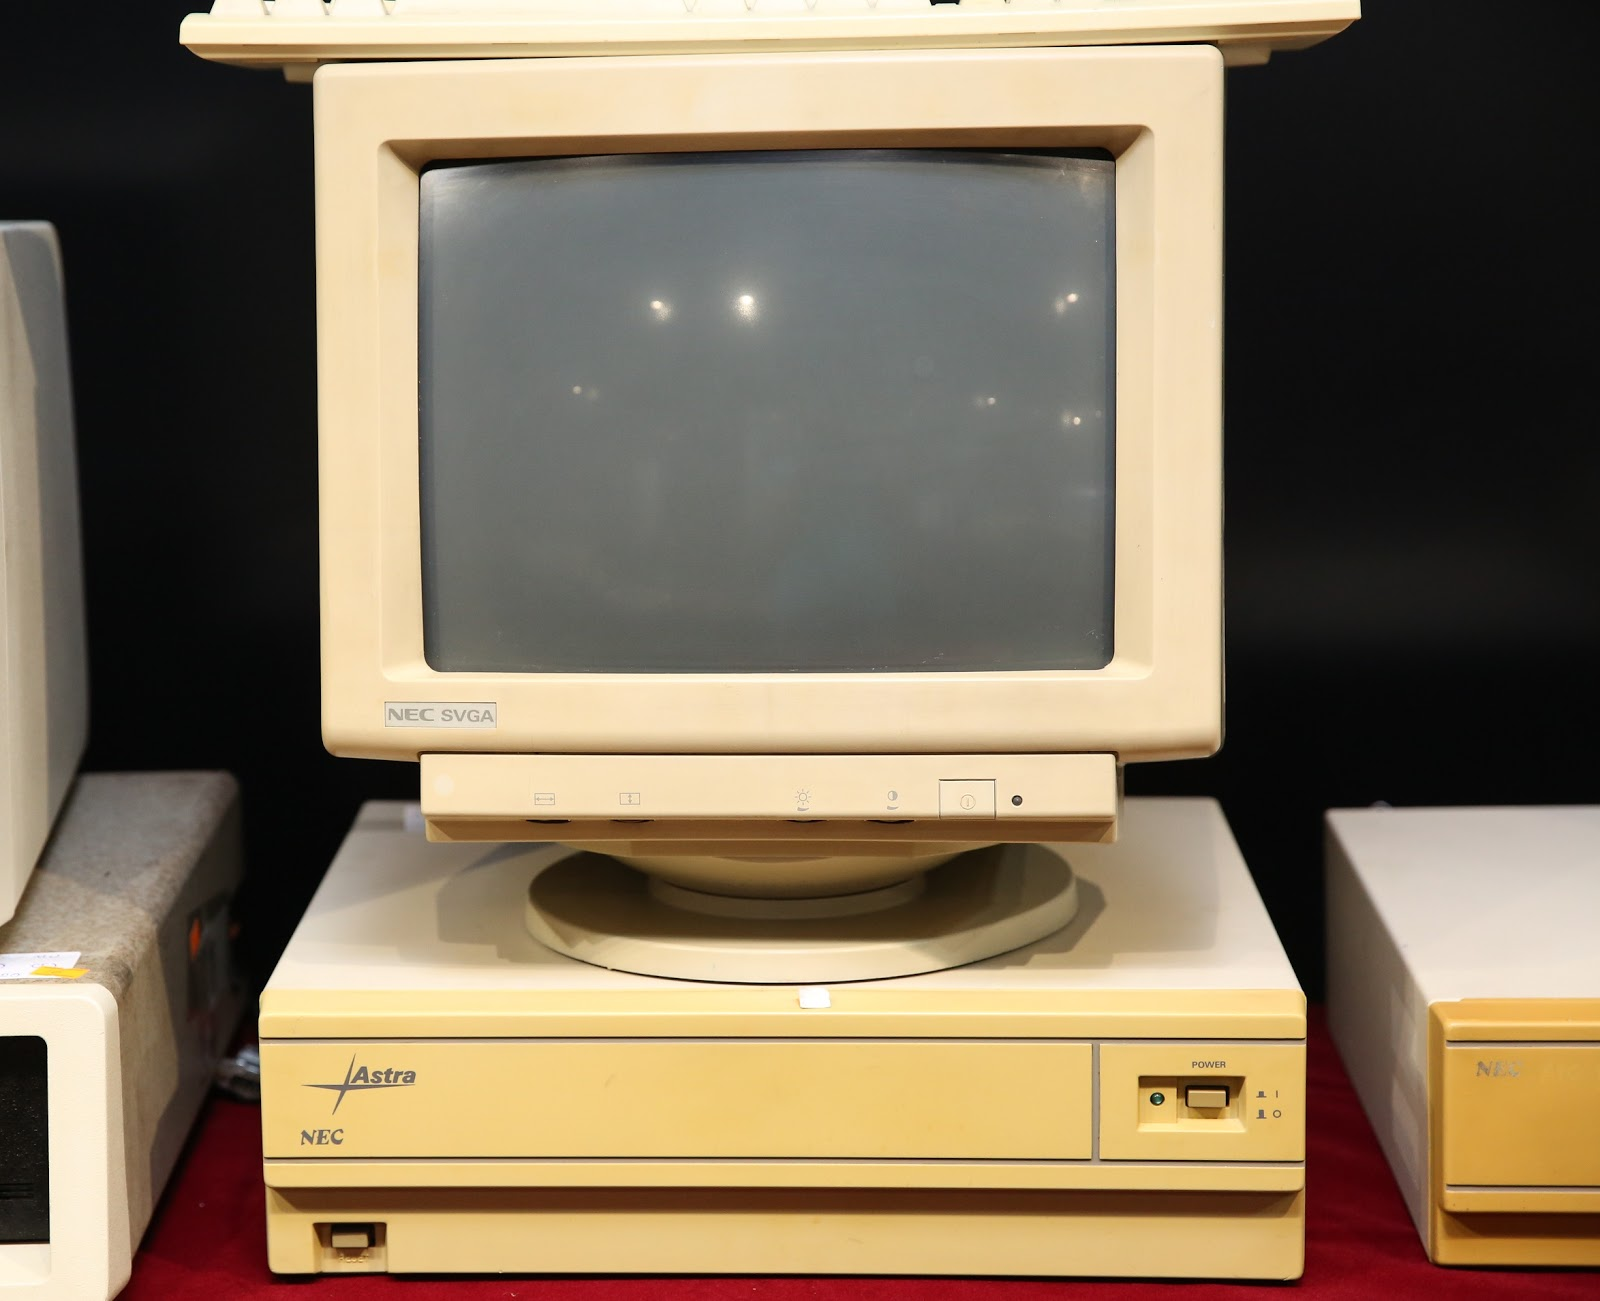 JC-1431VMA Nec SVGA Monitor